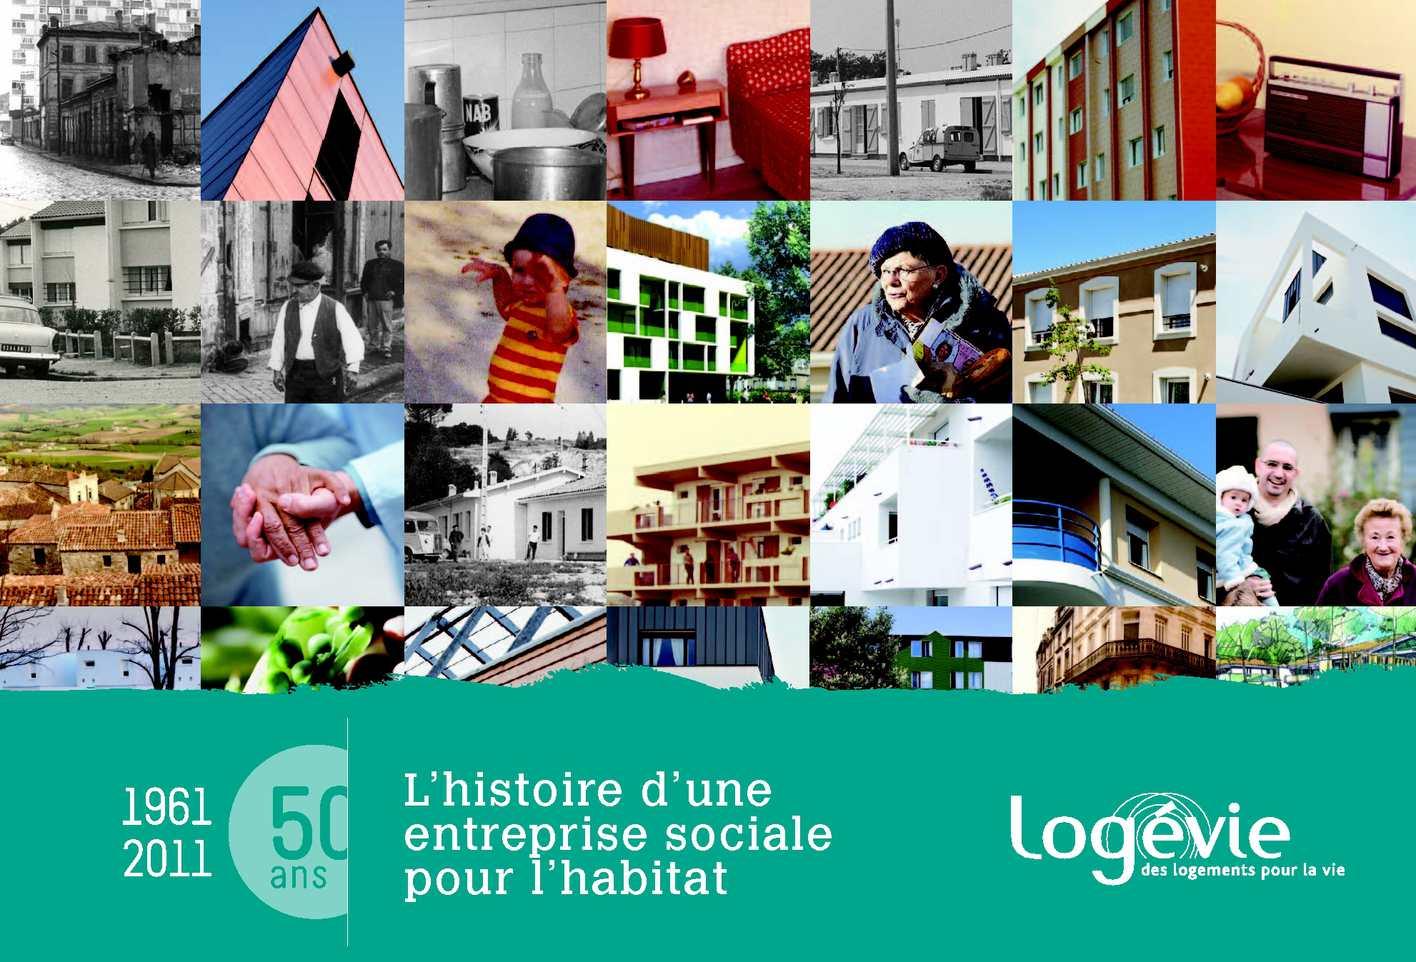 Calaméo - Logévie, le livre des 50 ans